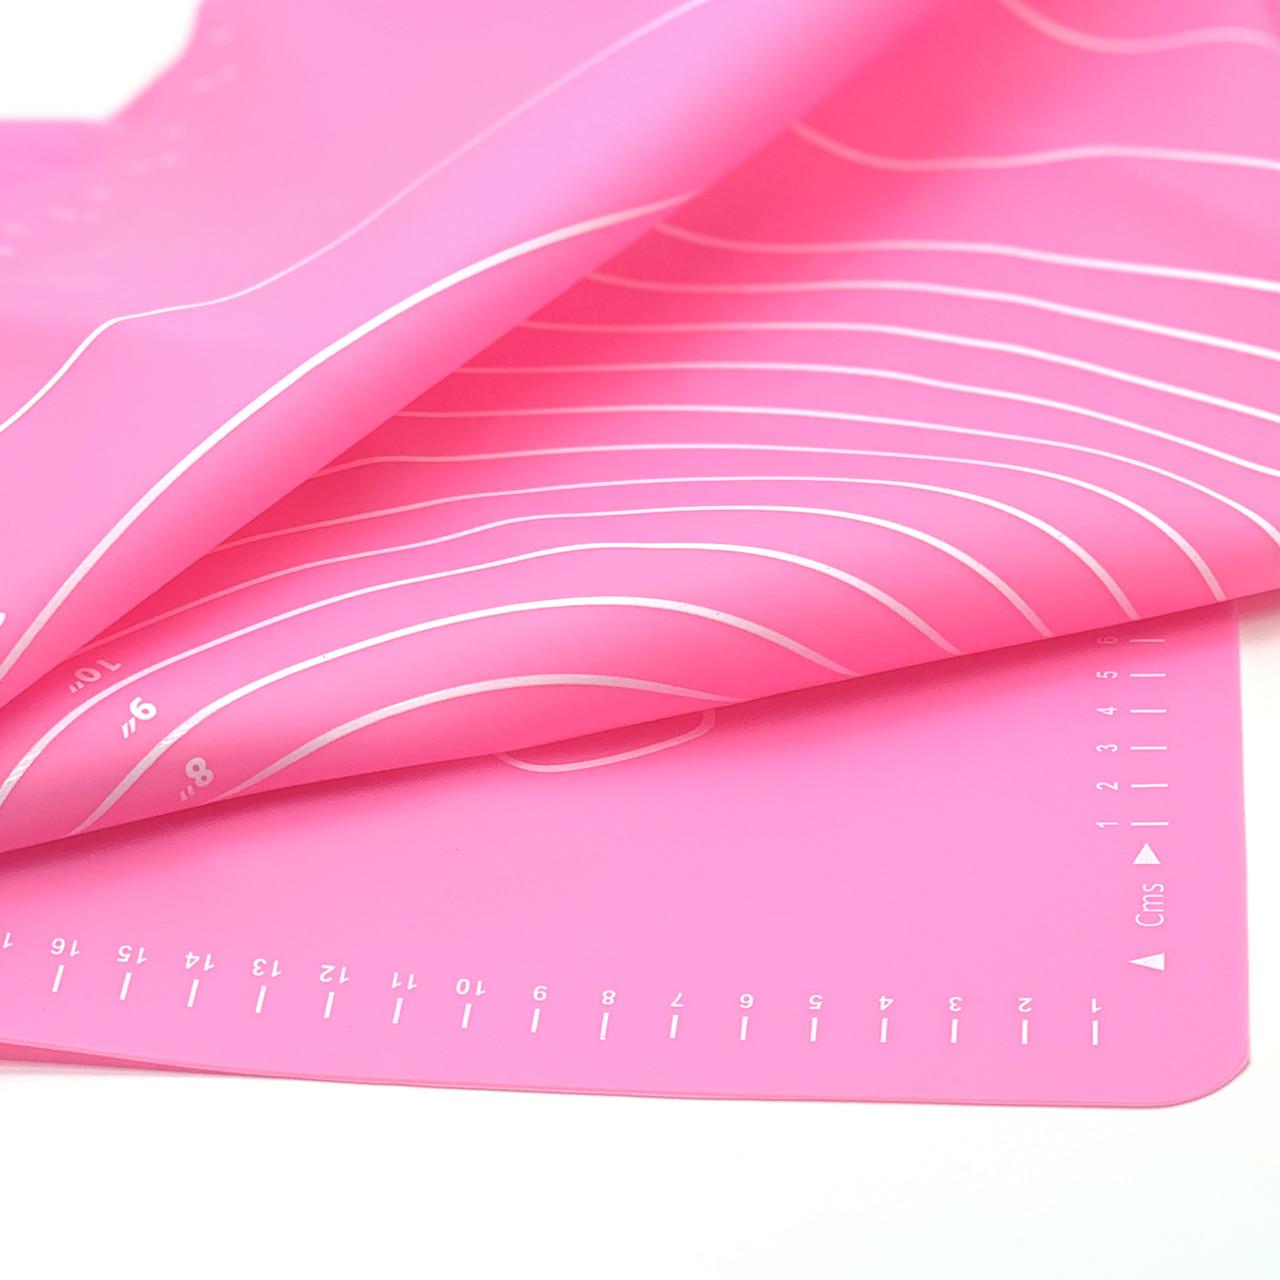 Силиконовый коврик для выпечки антипригарный, большой 62*42 / Силіконовий килимок для випічки ( ярко розовый)